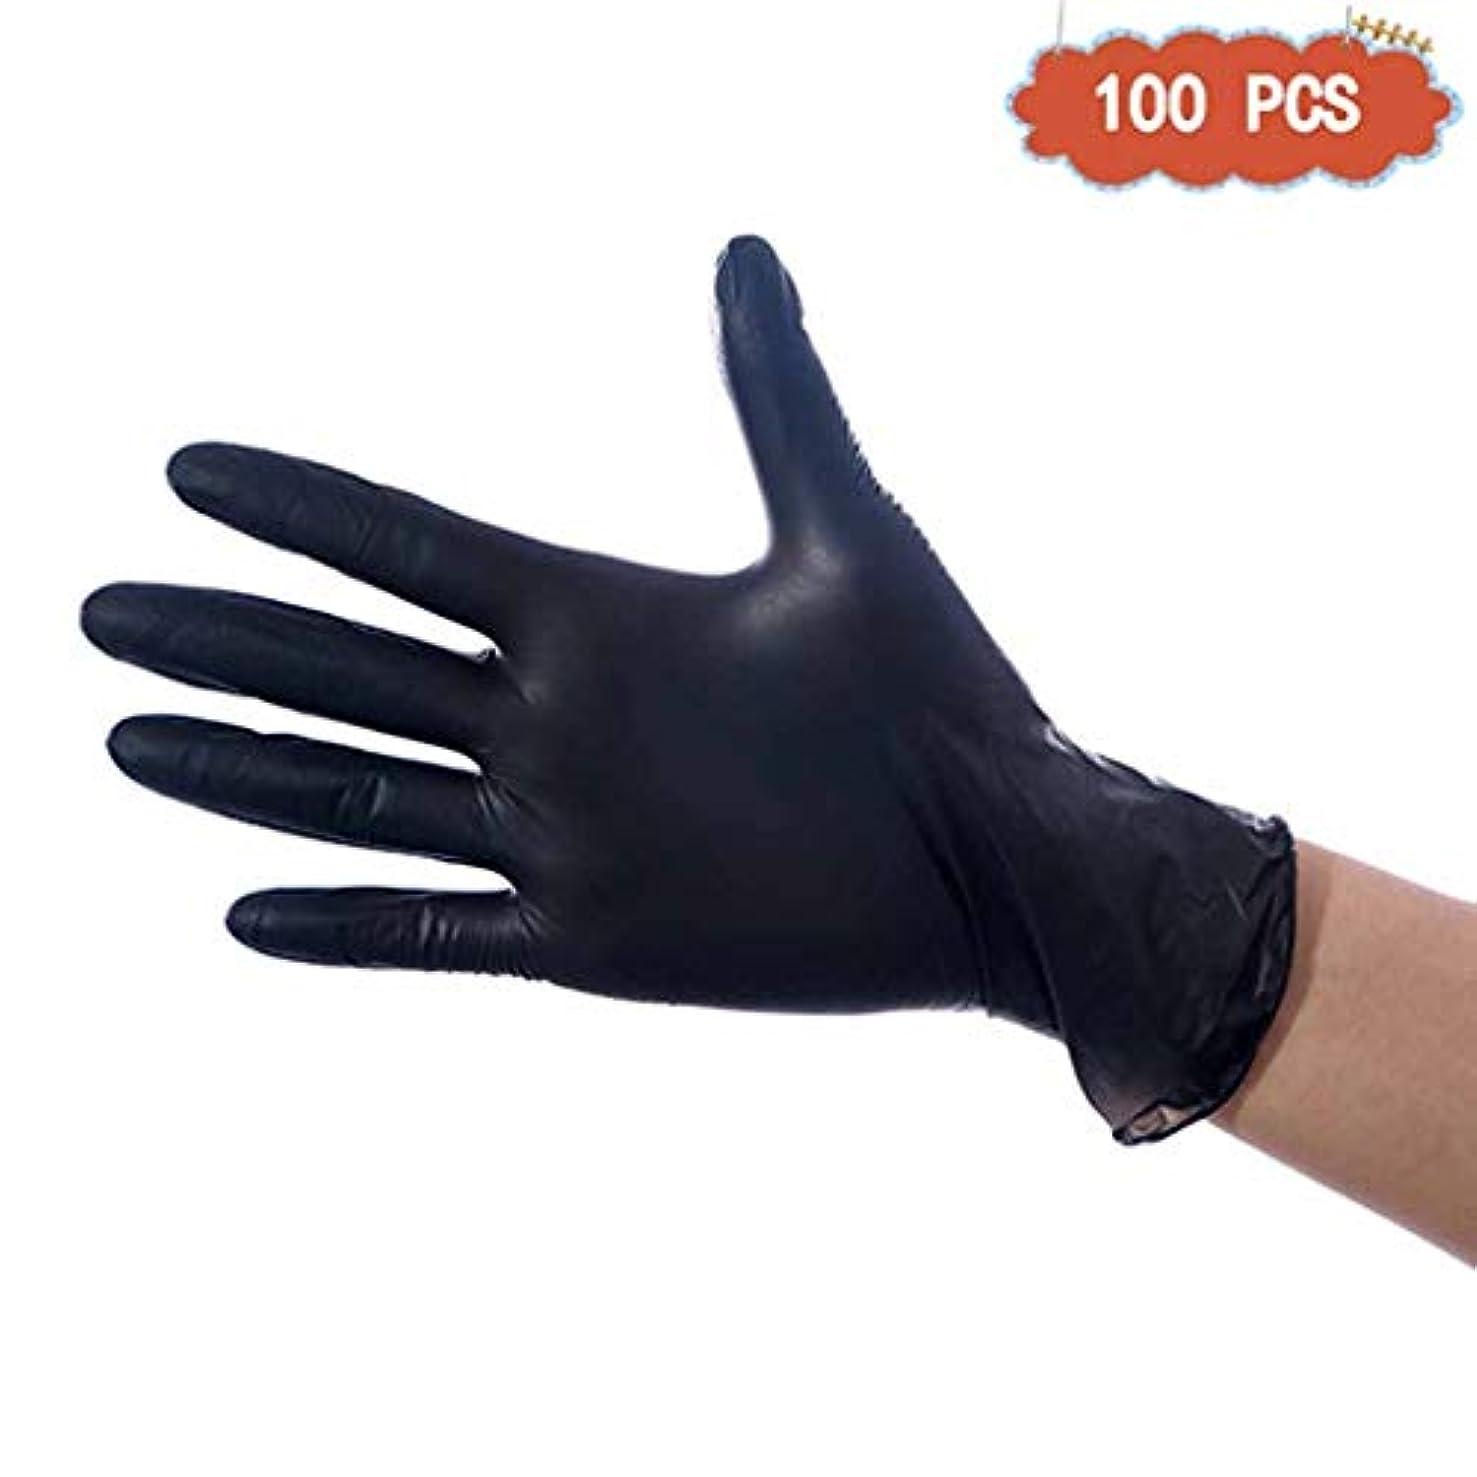 間違いファシズム一族ニトリル手袋手袋9インチネイルアートブラックニトリル保護手袋キッチンシェフオイルラテックスフリー、パウダーフリー、100個 (Size : M)